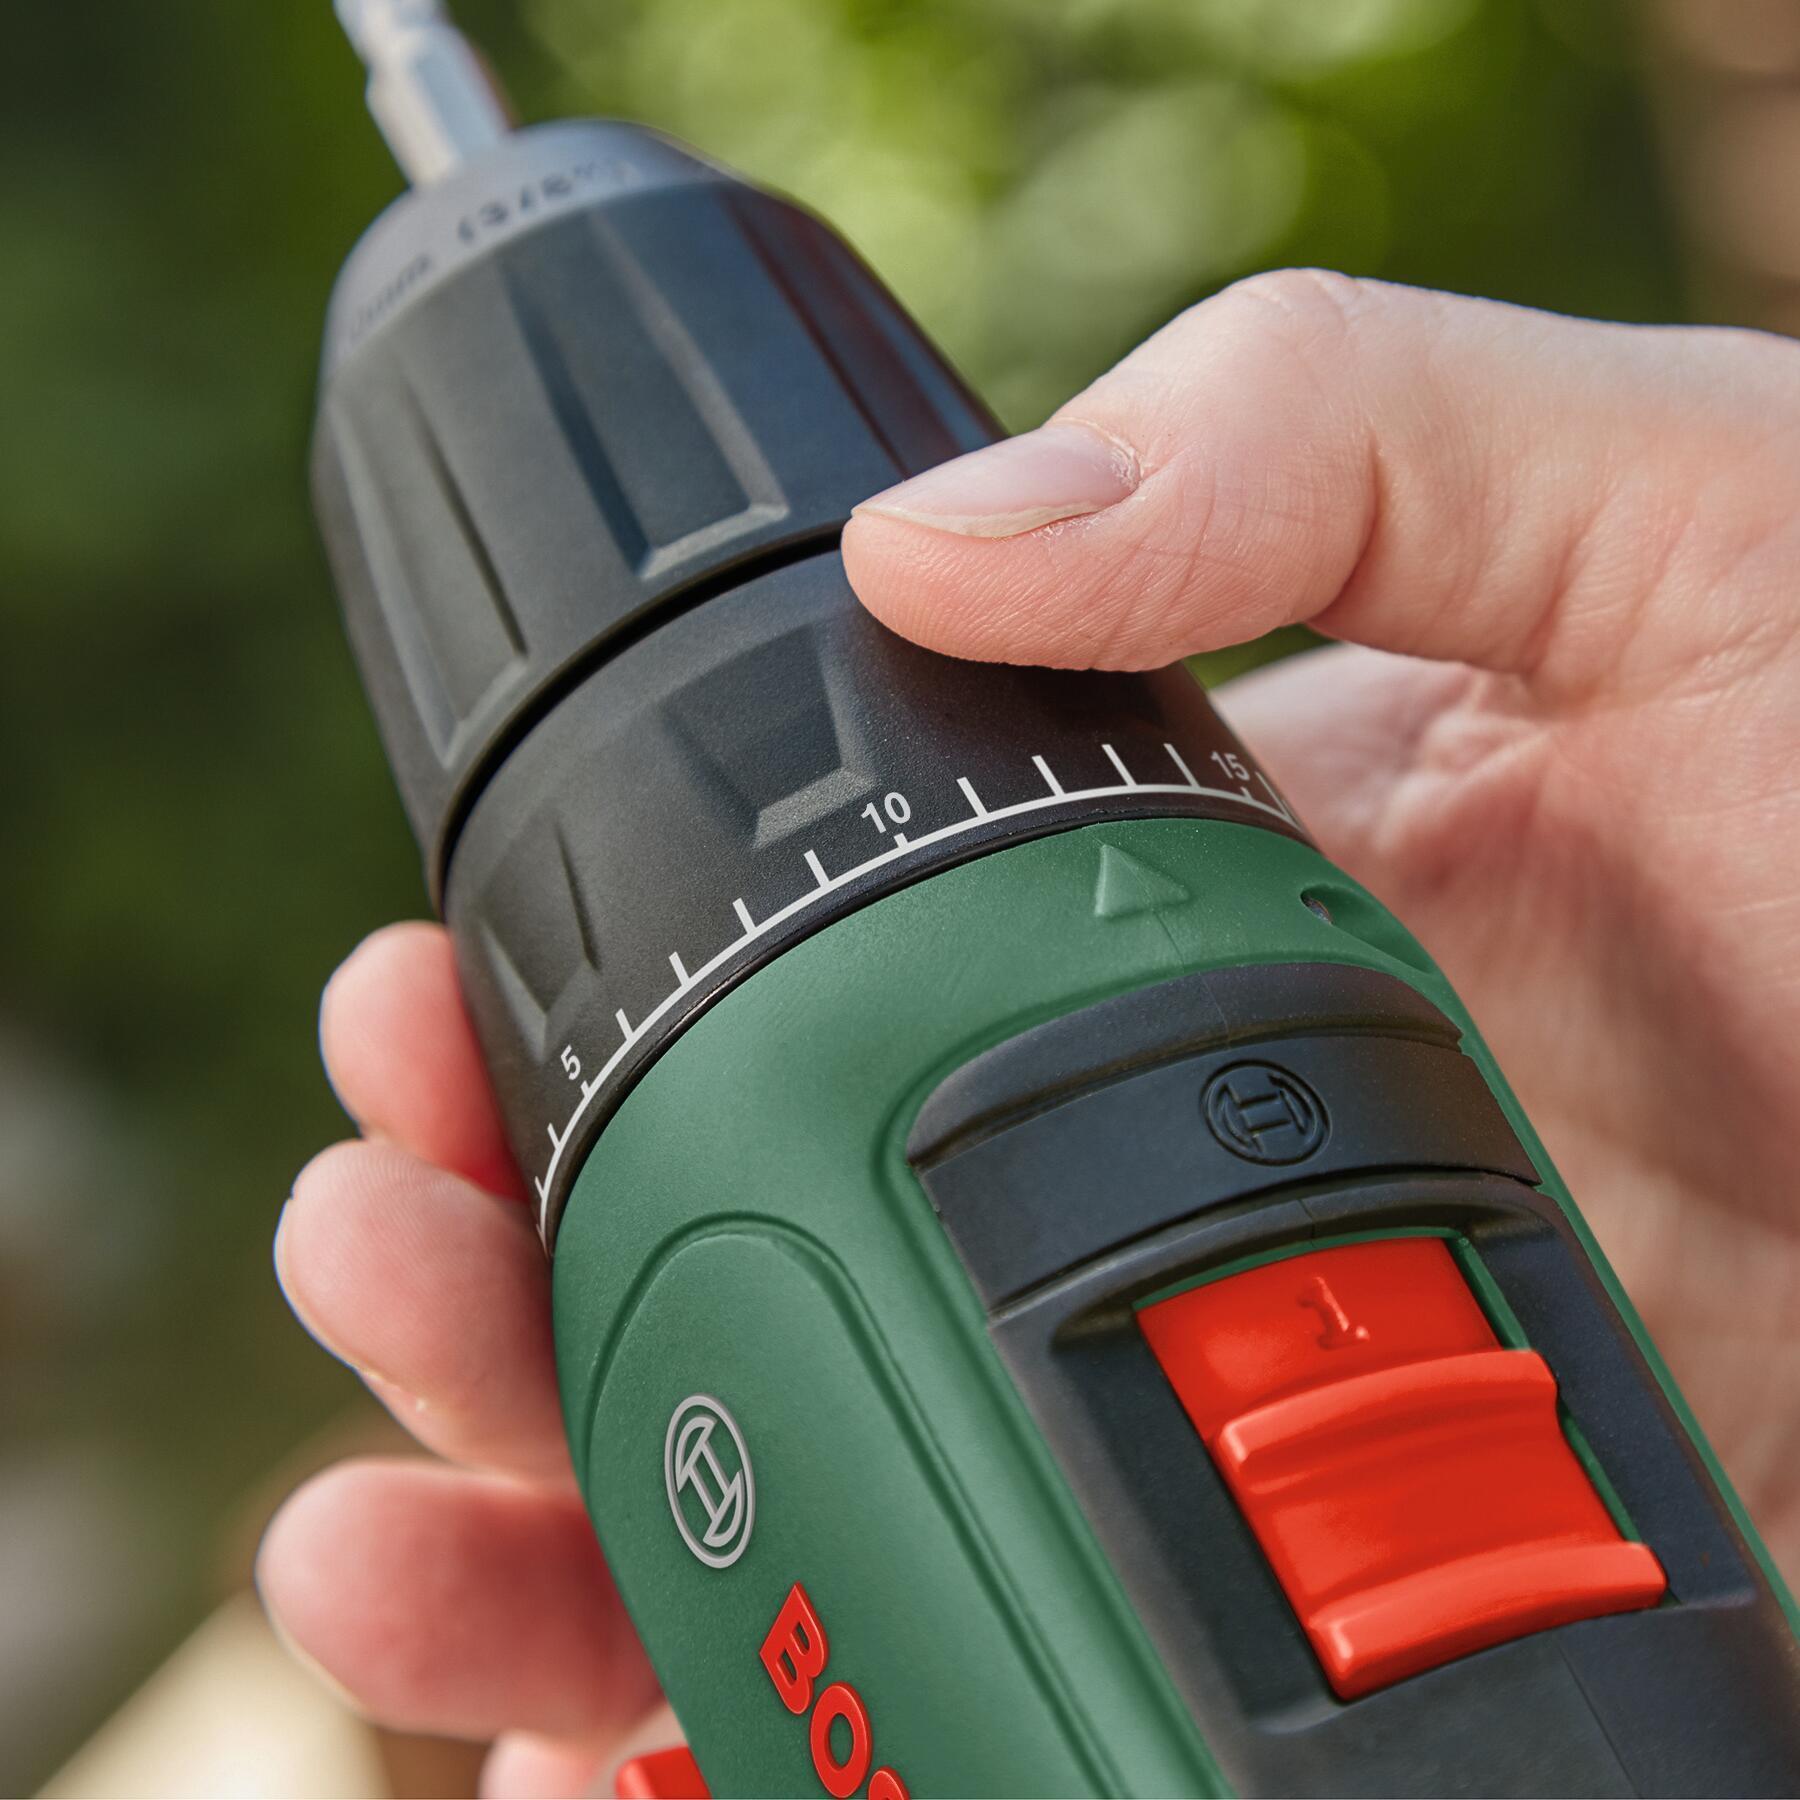 Trapano avvitatore a batteria BOSCH EasyDrill 1200 12 V, 1.5 Ah, 1 batteria - 5